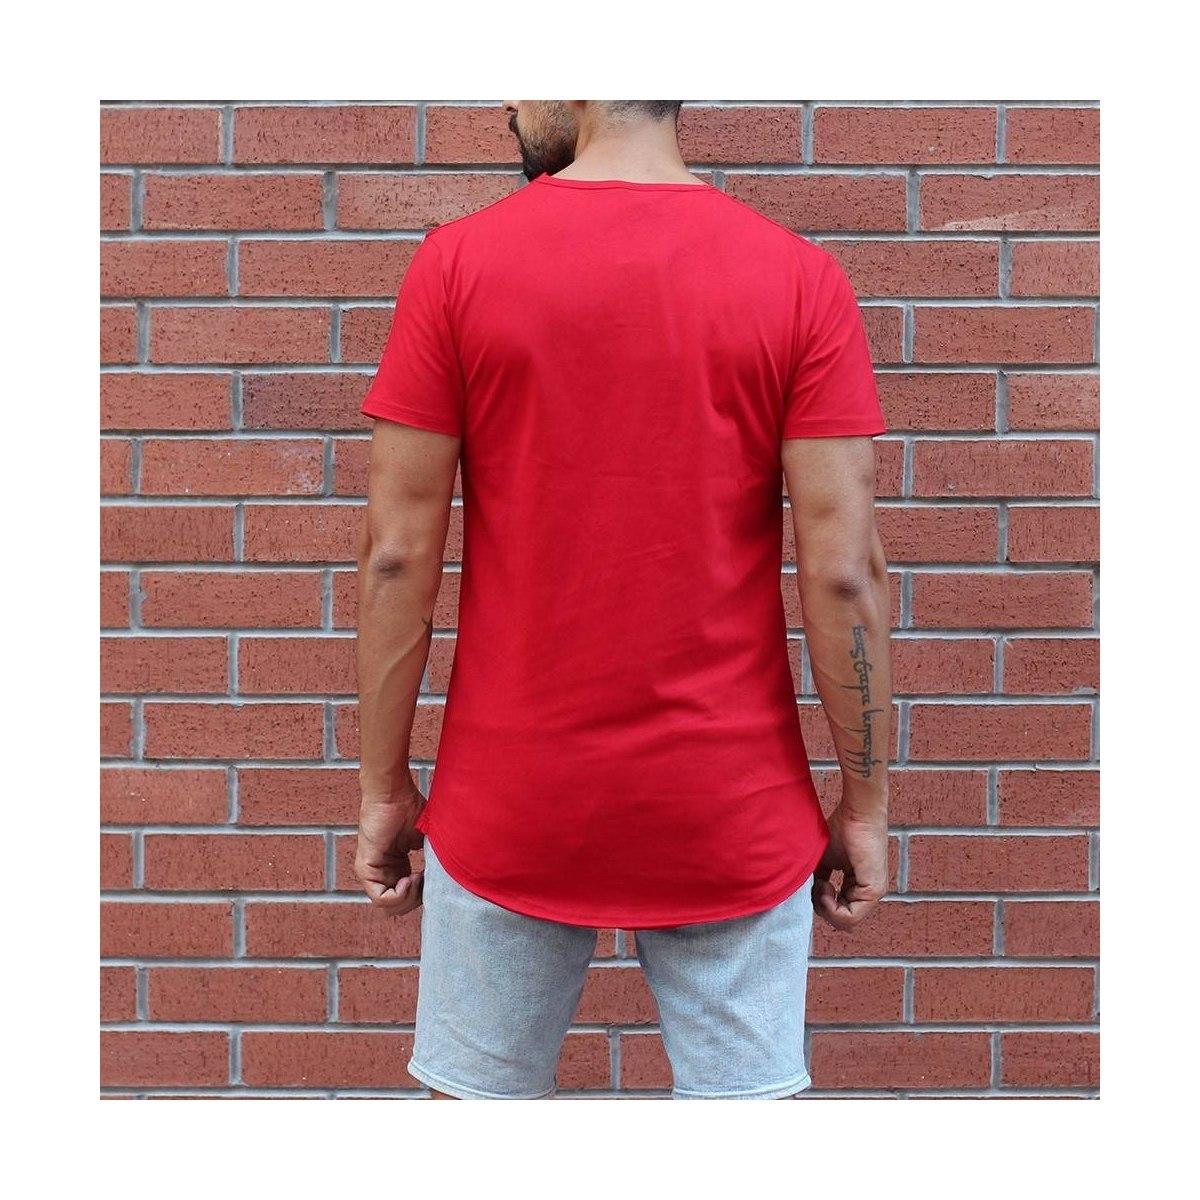 Men's Button Round Neck Oversized T-Shirt Red MV Brand - 2